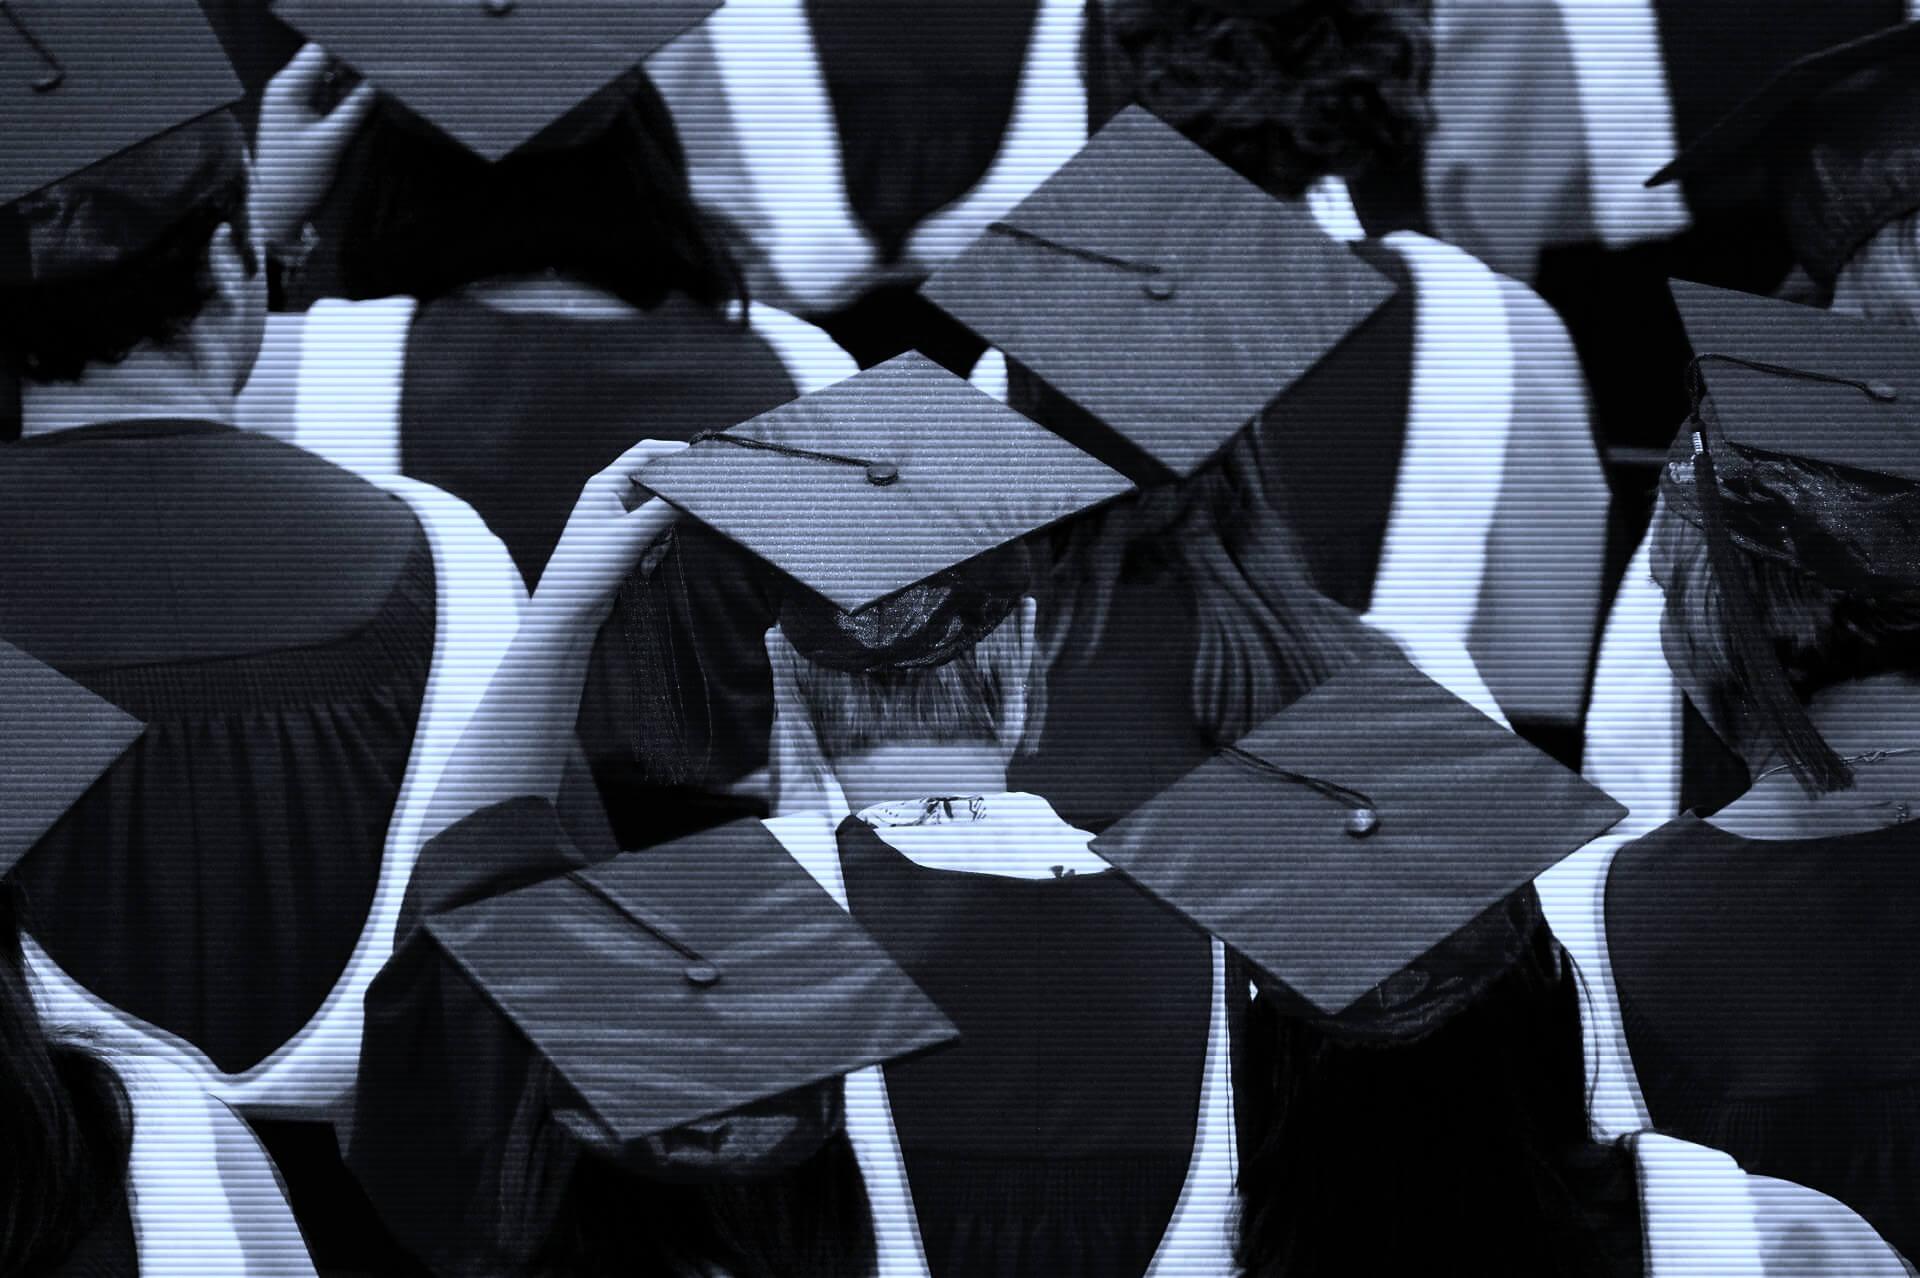 Čak sedam tisuća prijavljenih studenata neće dobiti državnu socio-ekonomsku stipendiju